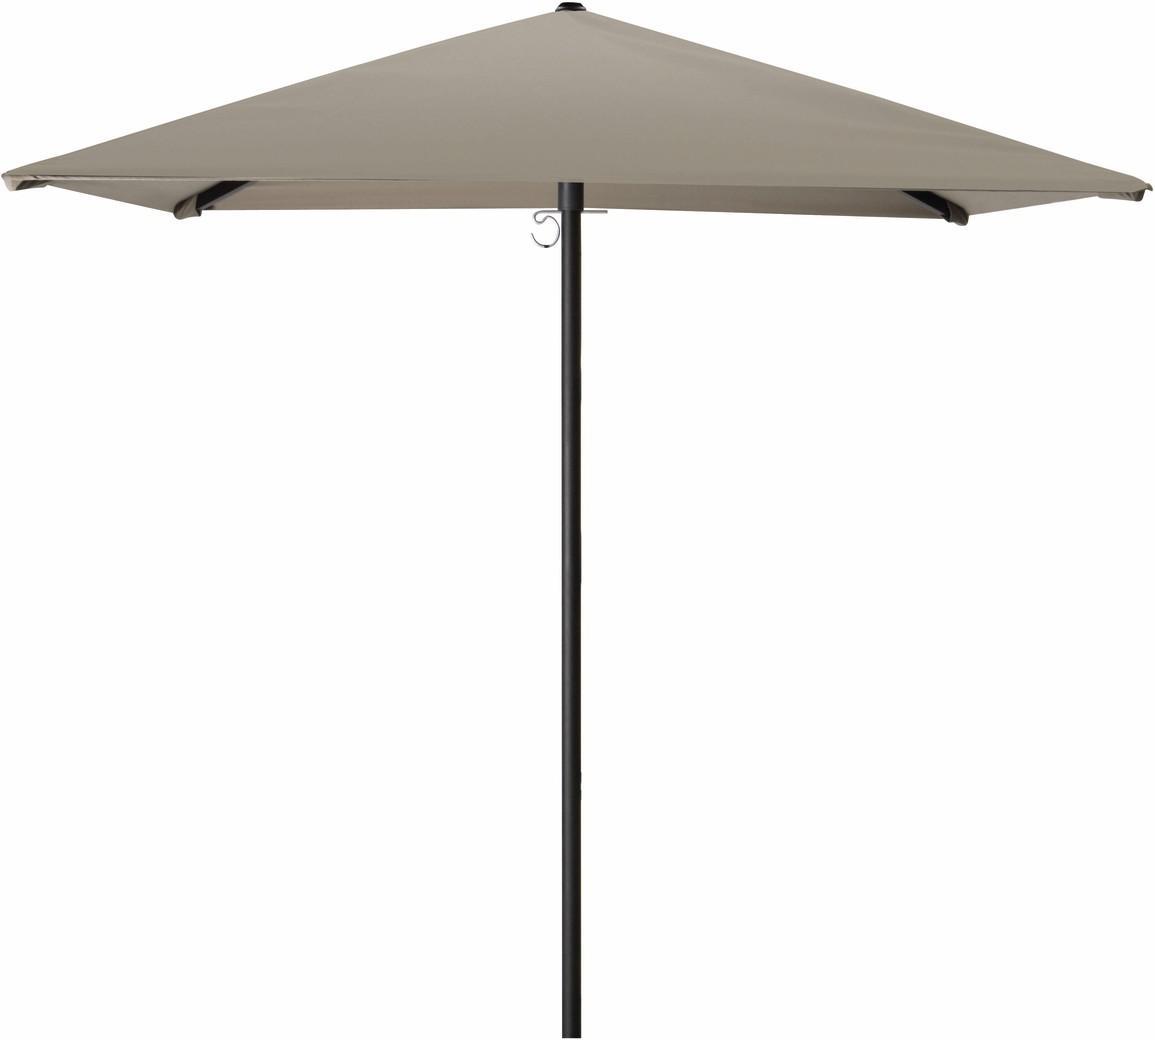 Umbrella small - white - 180x180 AW taupe